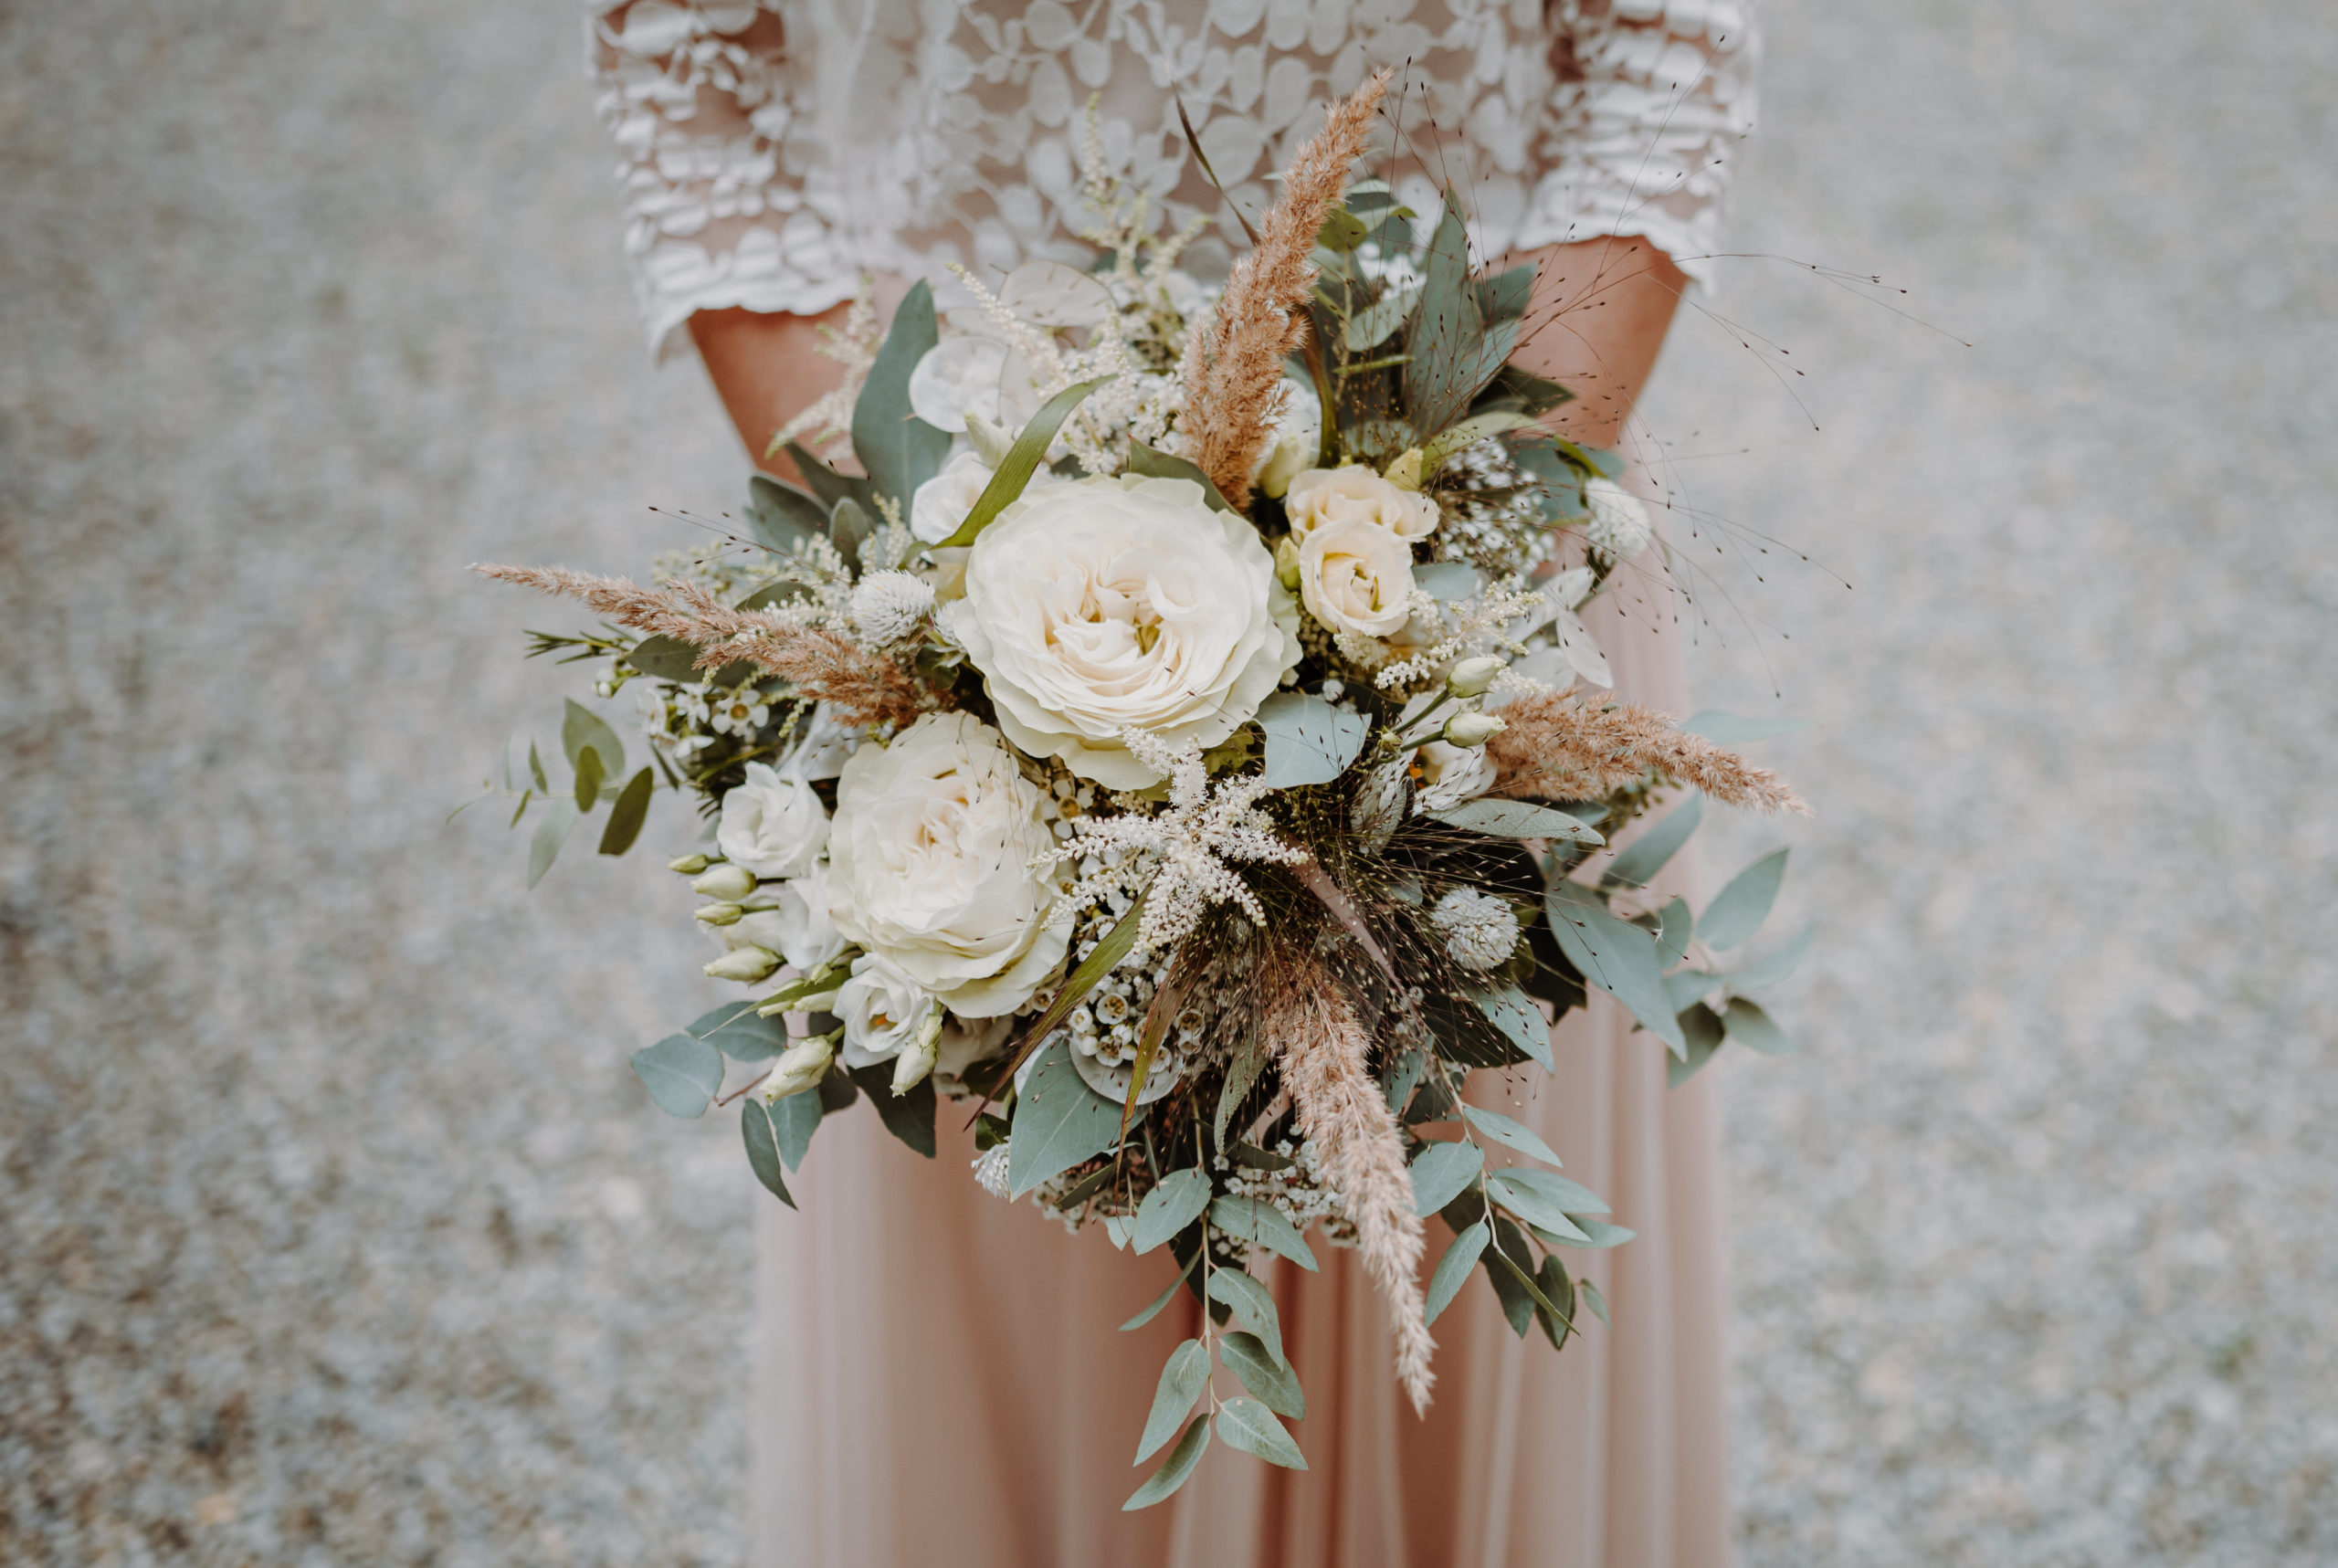 Opulenter Brautstrauß von Braut mit Tüllrock in Blush und Brauttop aus Blätterspitze.